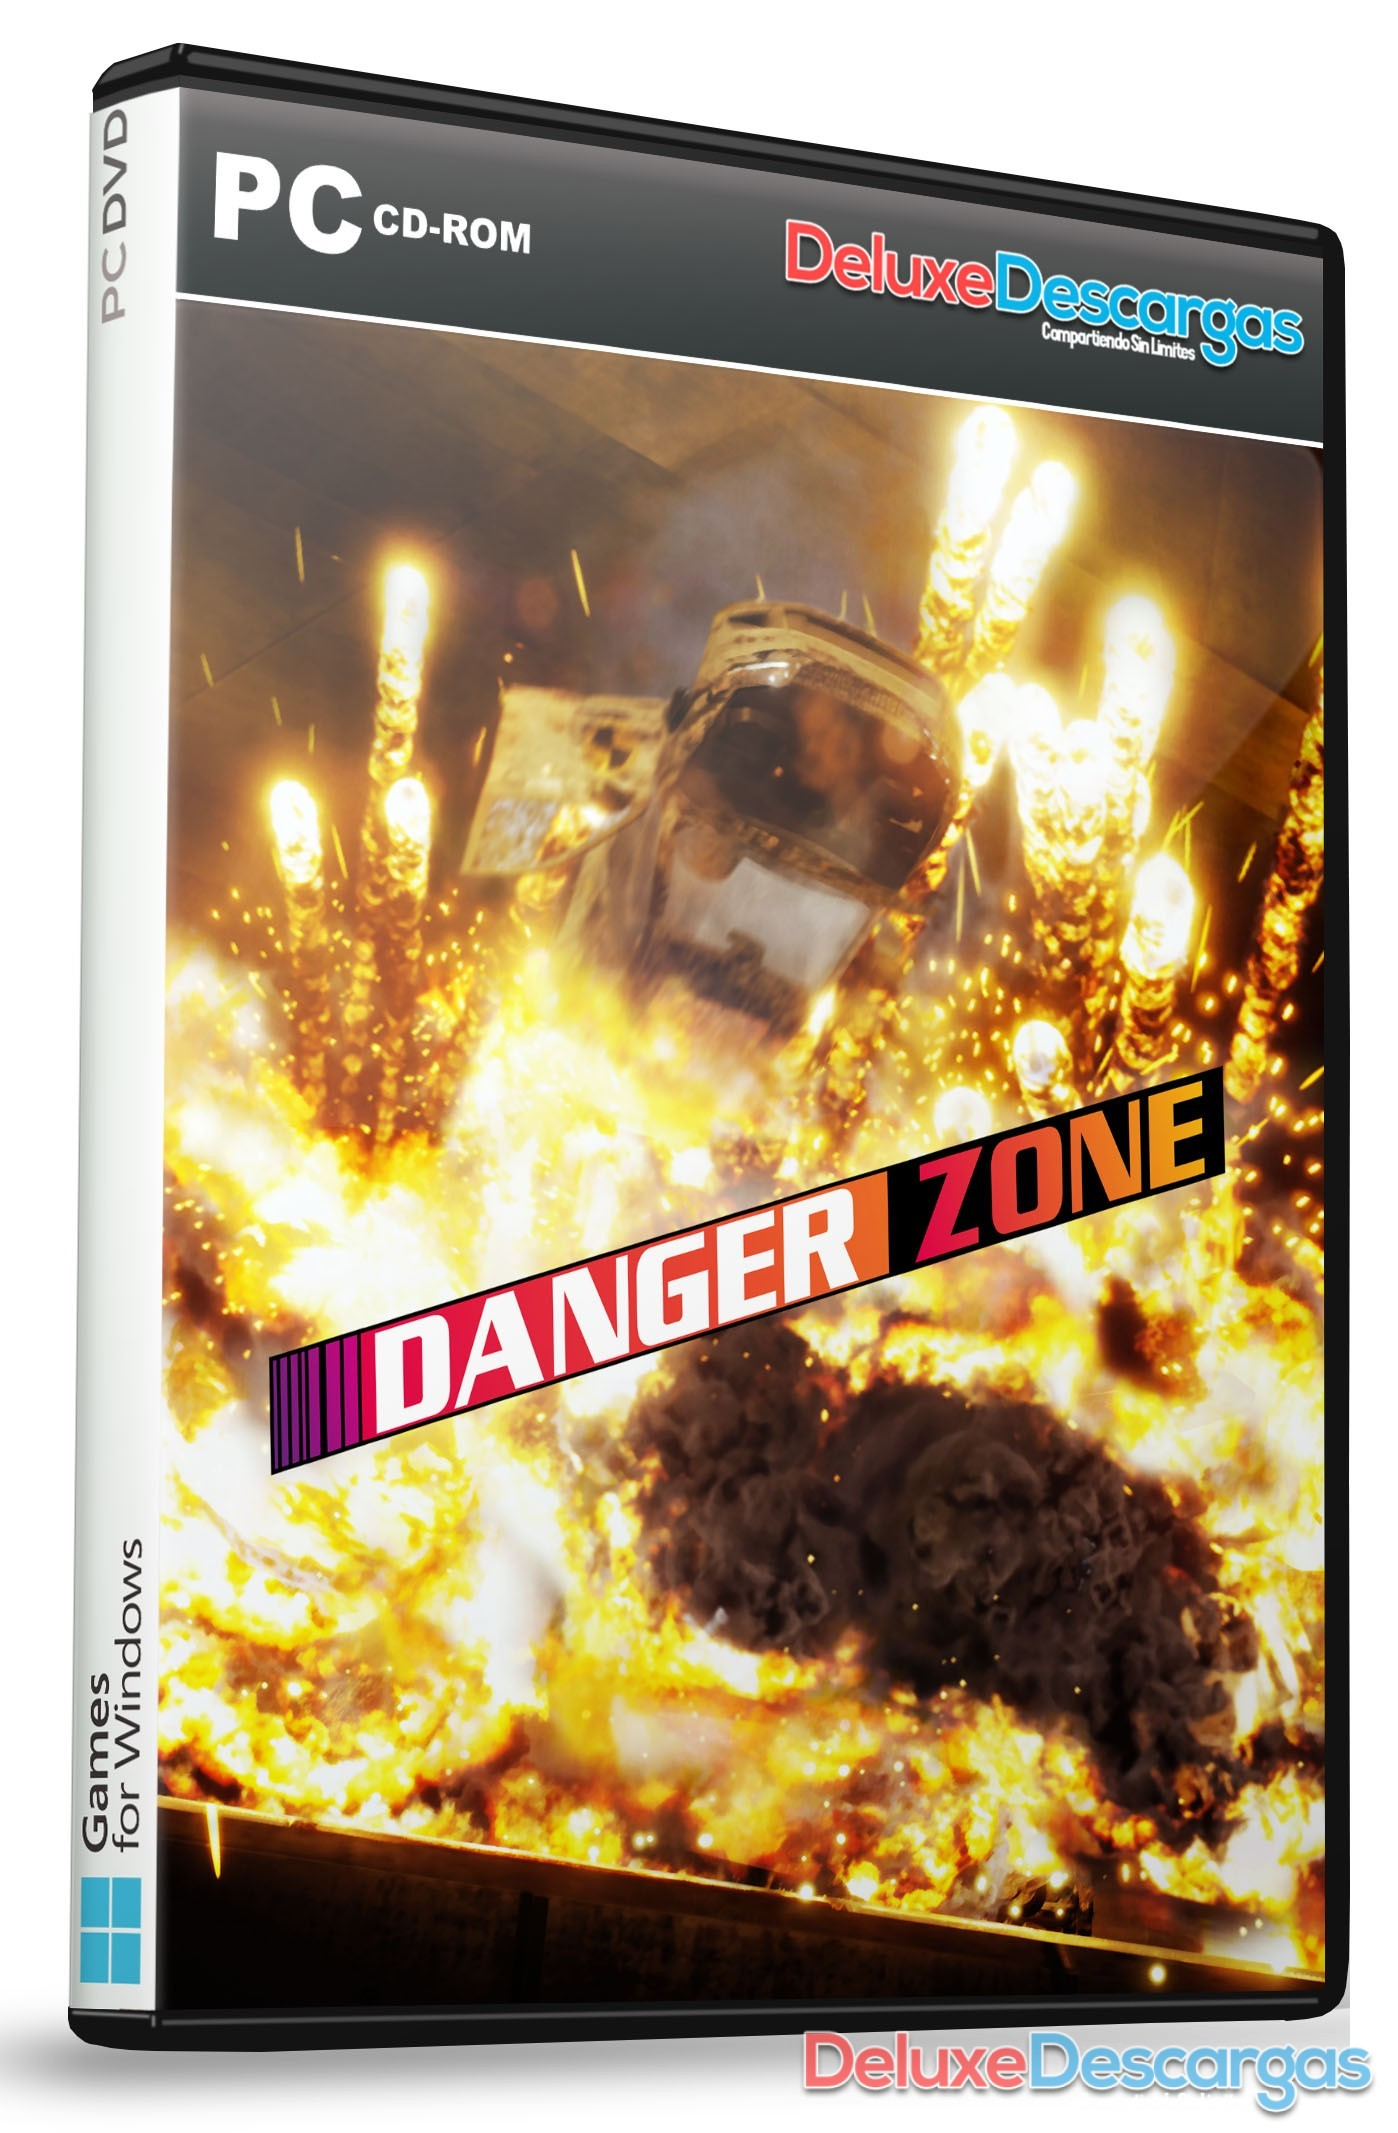 Descargar Danger Zone Ingles Full Pc Game